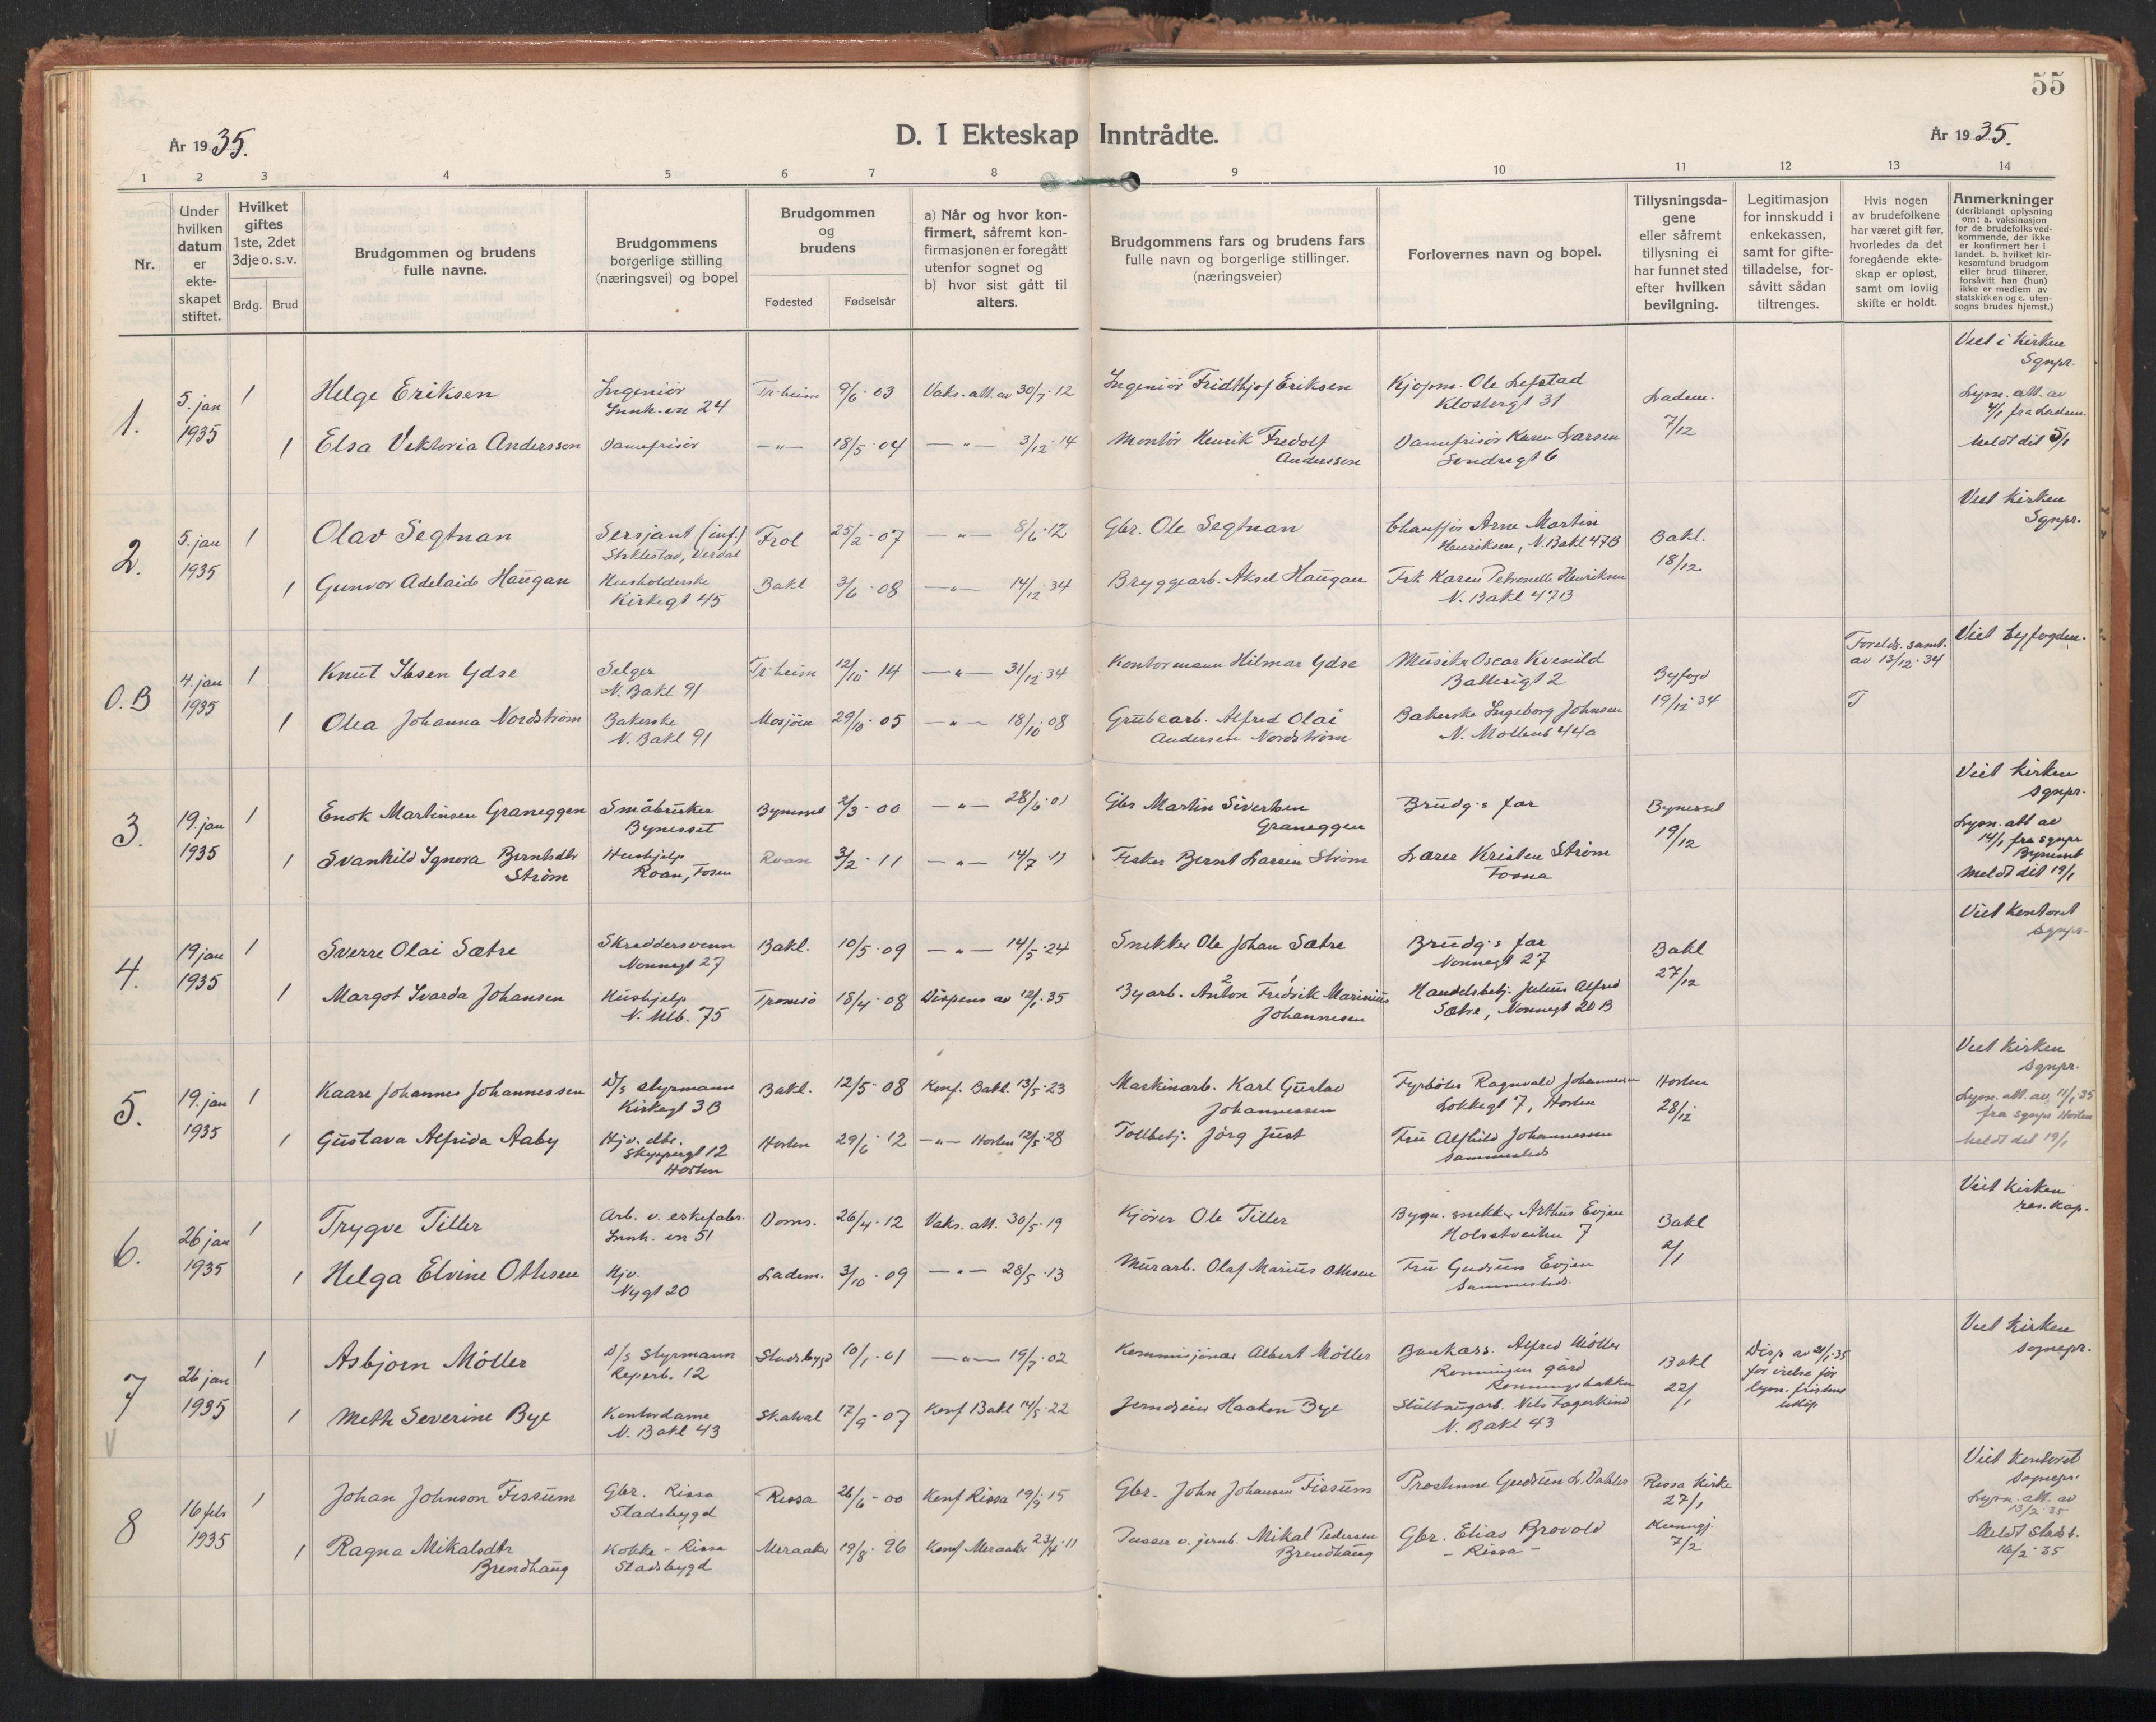 SAT, Ministerialprotokoller, klokkerbøker og fødselsregistre - Sør-Trøndelag, 604/L0209: Ministerialbok nr. 604A29, 1931-1945, s. 55